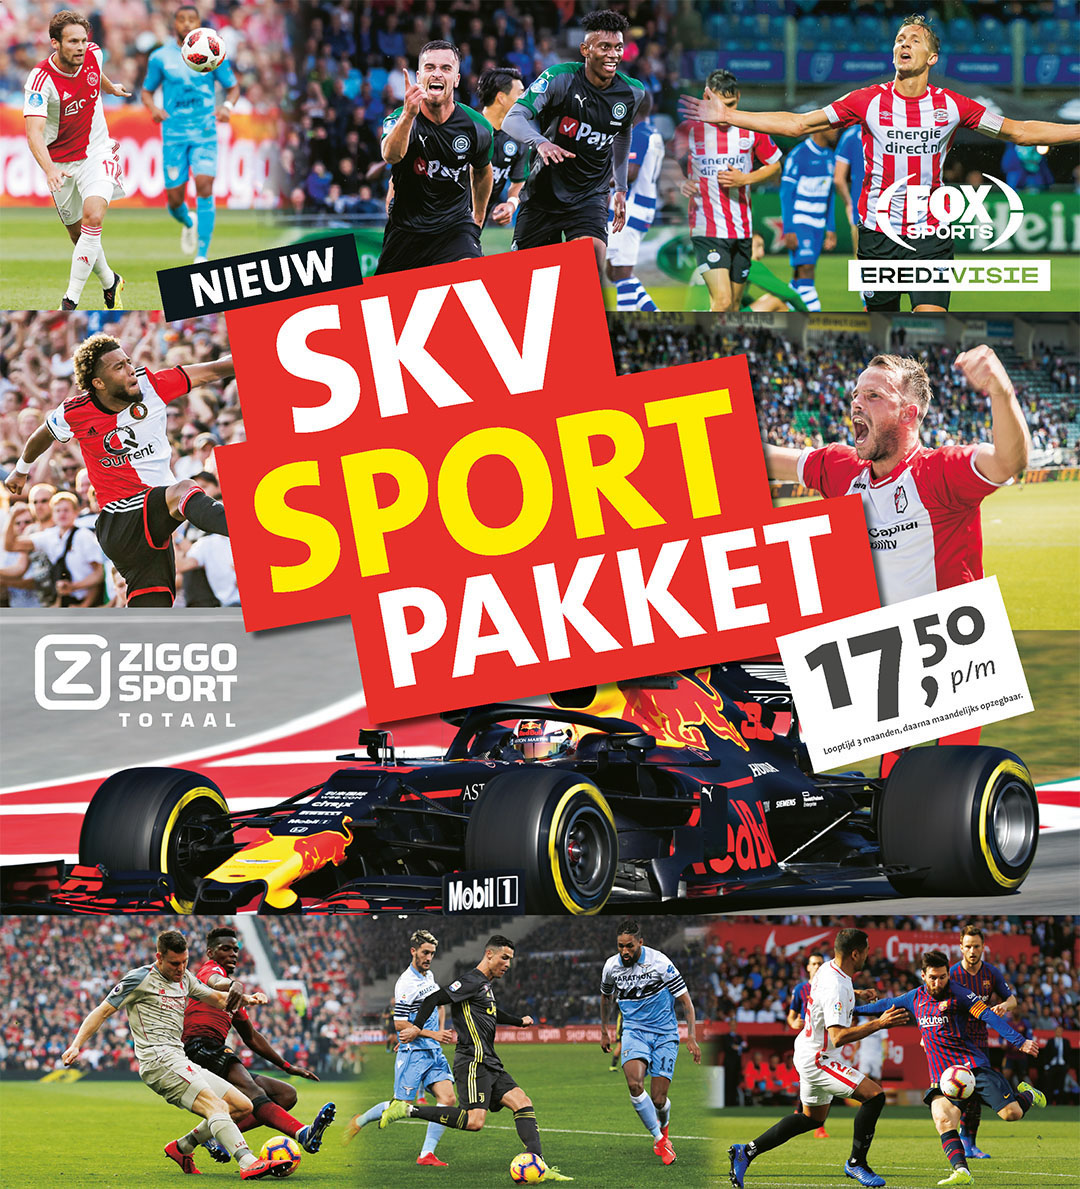 SKV Sportpakket